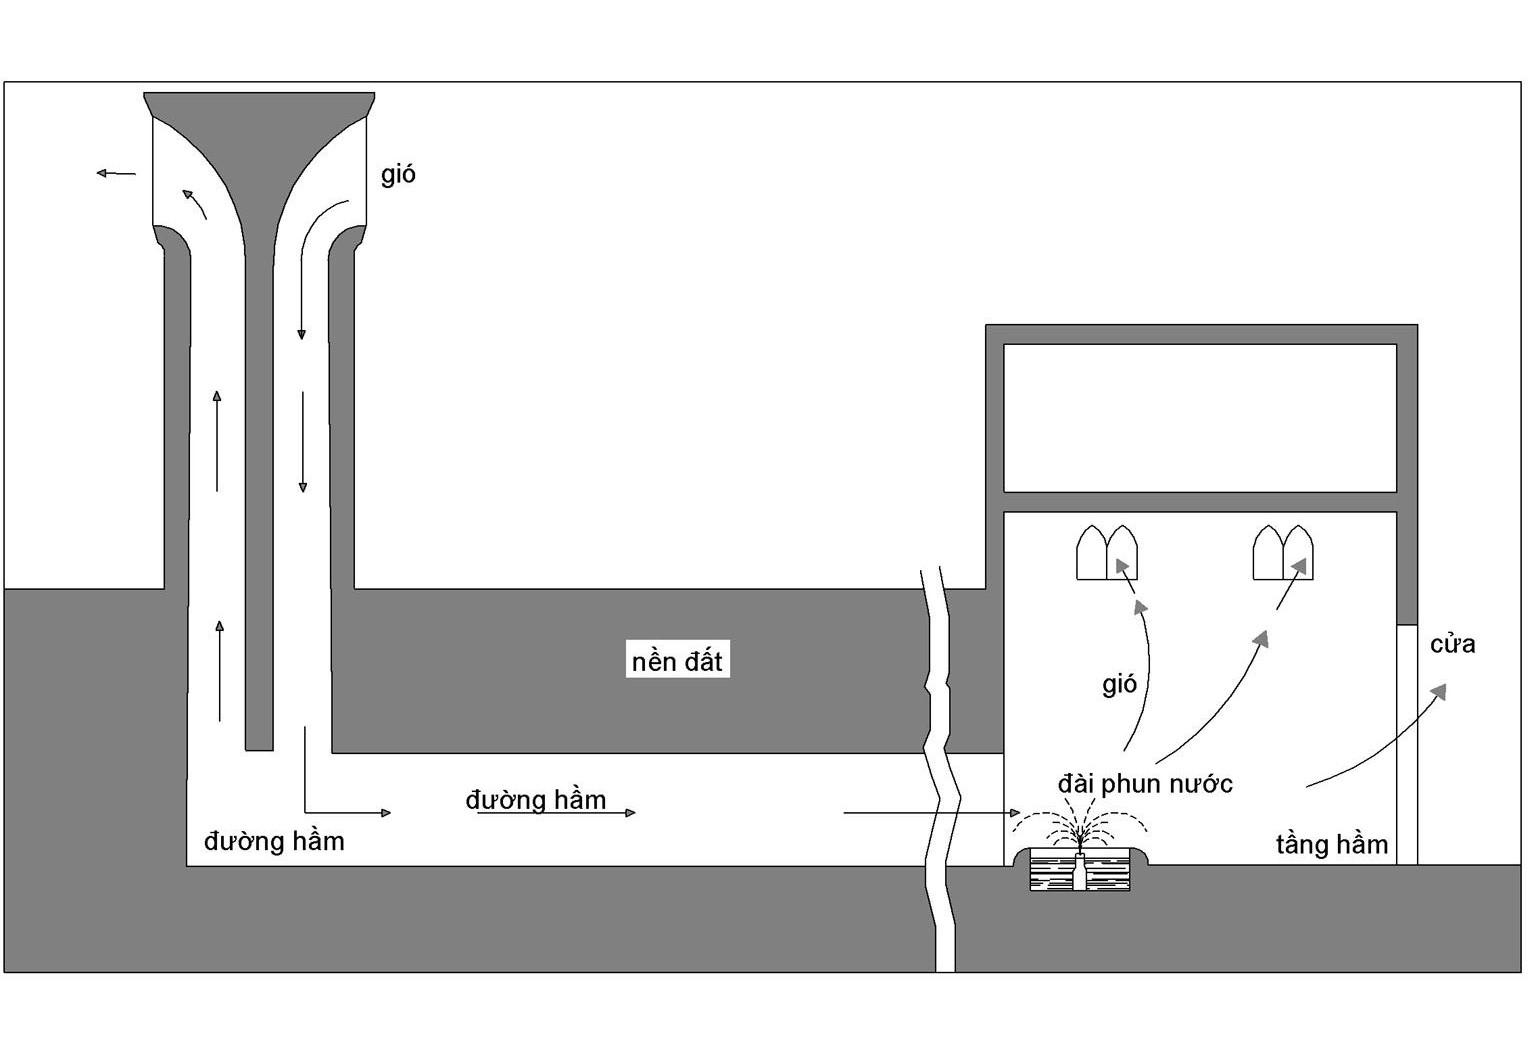 Hình 3: HAI CÁCH LÀM MÁT hoạt động trong hệ thống tự động được trình bày trong phần này. Khi làm mát cảm biến, lượng nhiệt mất đi trong không khí làm giảm nhiệt độ không khí nhưng không làm thay đổi hàm lượng hơi nước trong không khí. Không khí ở phần trên của tháp đón gió được làm mát cảm biến. Khi nước được đưa vào hệ thống, quá trình làm mát bằng hơi diễn ra. Quá trình làm mát làm thay đổi cả hàm lượng hơi nước và nhiệt độ của không khí. Khi không khí chưa bão hoà gặp nước, một phần nước sẽ bốc hơi. Quá trình này được vận hành bằng nhiệt trong không khí làm cho nhiệt độ không khí giảm xuống trong khi hàm kượng hơi nước lại tăng lên. Một hệ thống tháp gió làm mát không khí bằng hơi cũng như làm mát cảm biến đặc biệt có hiệu quả. Ở hầu hết tháp đo gió, nước ngầm thấm vào bên trong tường bao tầng hầm của tháp, để không khí thoát qua tường được làm mát bằng nước. Làm mát bằng hơi nước thậm chí còn giữ một phần lớn trong hệ thống được trình bày ở đây. Tháp gió được đặt cách toà nhà khoảng 50m và nối với toà nhà bằng một đường ngầm. Khi tưới nước cho cây cối, bụi cây và cỏ trên mặt đất qua đường ngầm, nước thấm qua đất và giữ ẩm cho mặt trong của tường bao đường ngầm. Vì vậy không khí trong tháp được làm lạnh bằng hơi nước khi nó đi qua đường ngầm. Hồ nước và vòi phun nước dưới tầng hầm toà nhà làm không khí mát hơn.